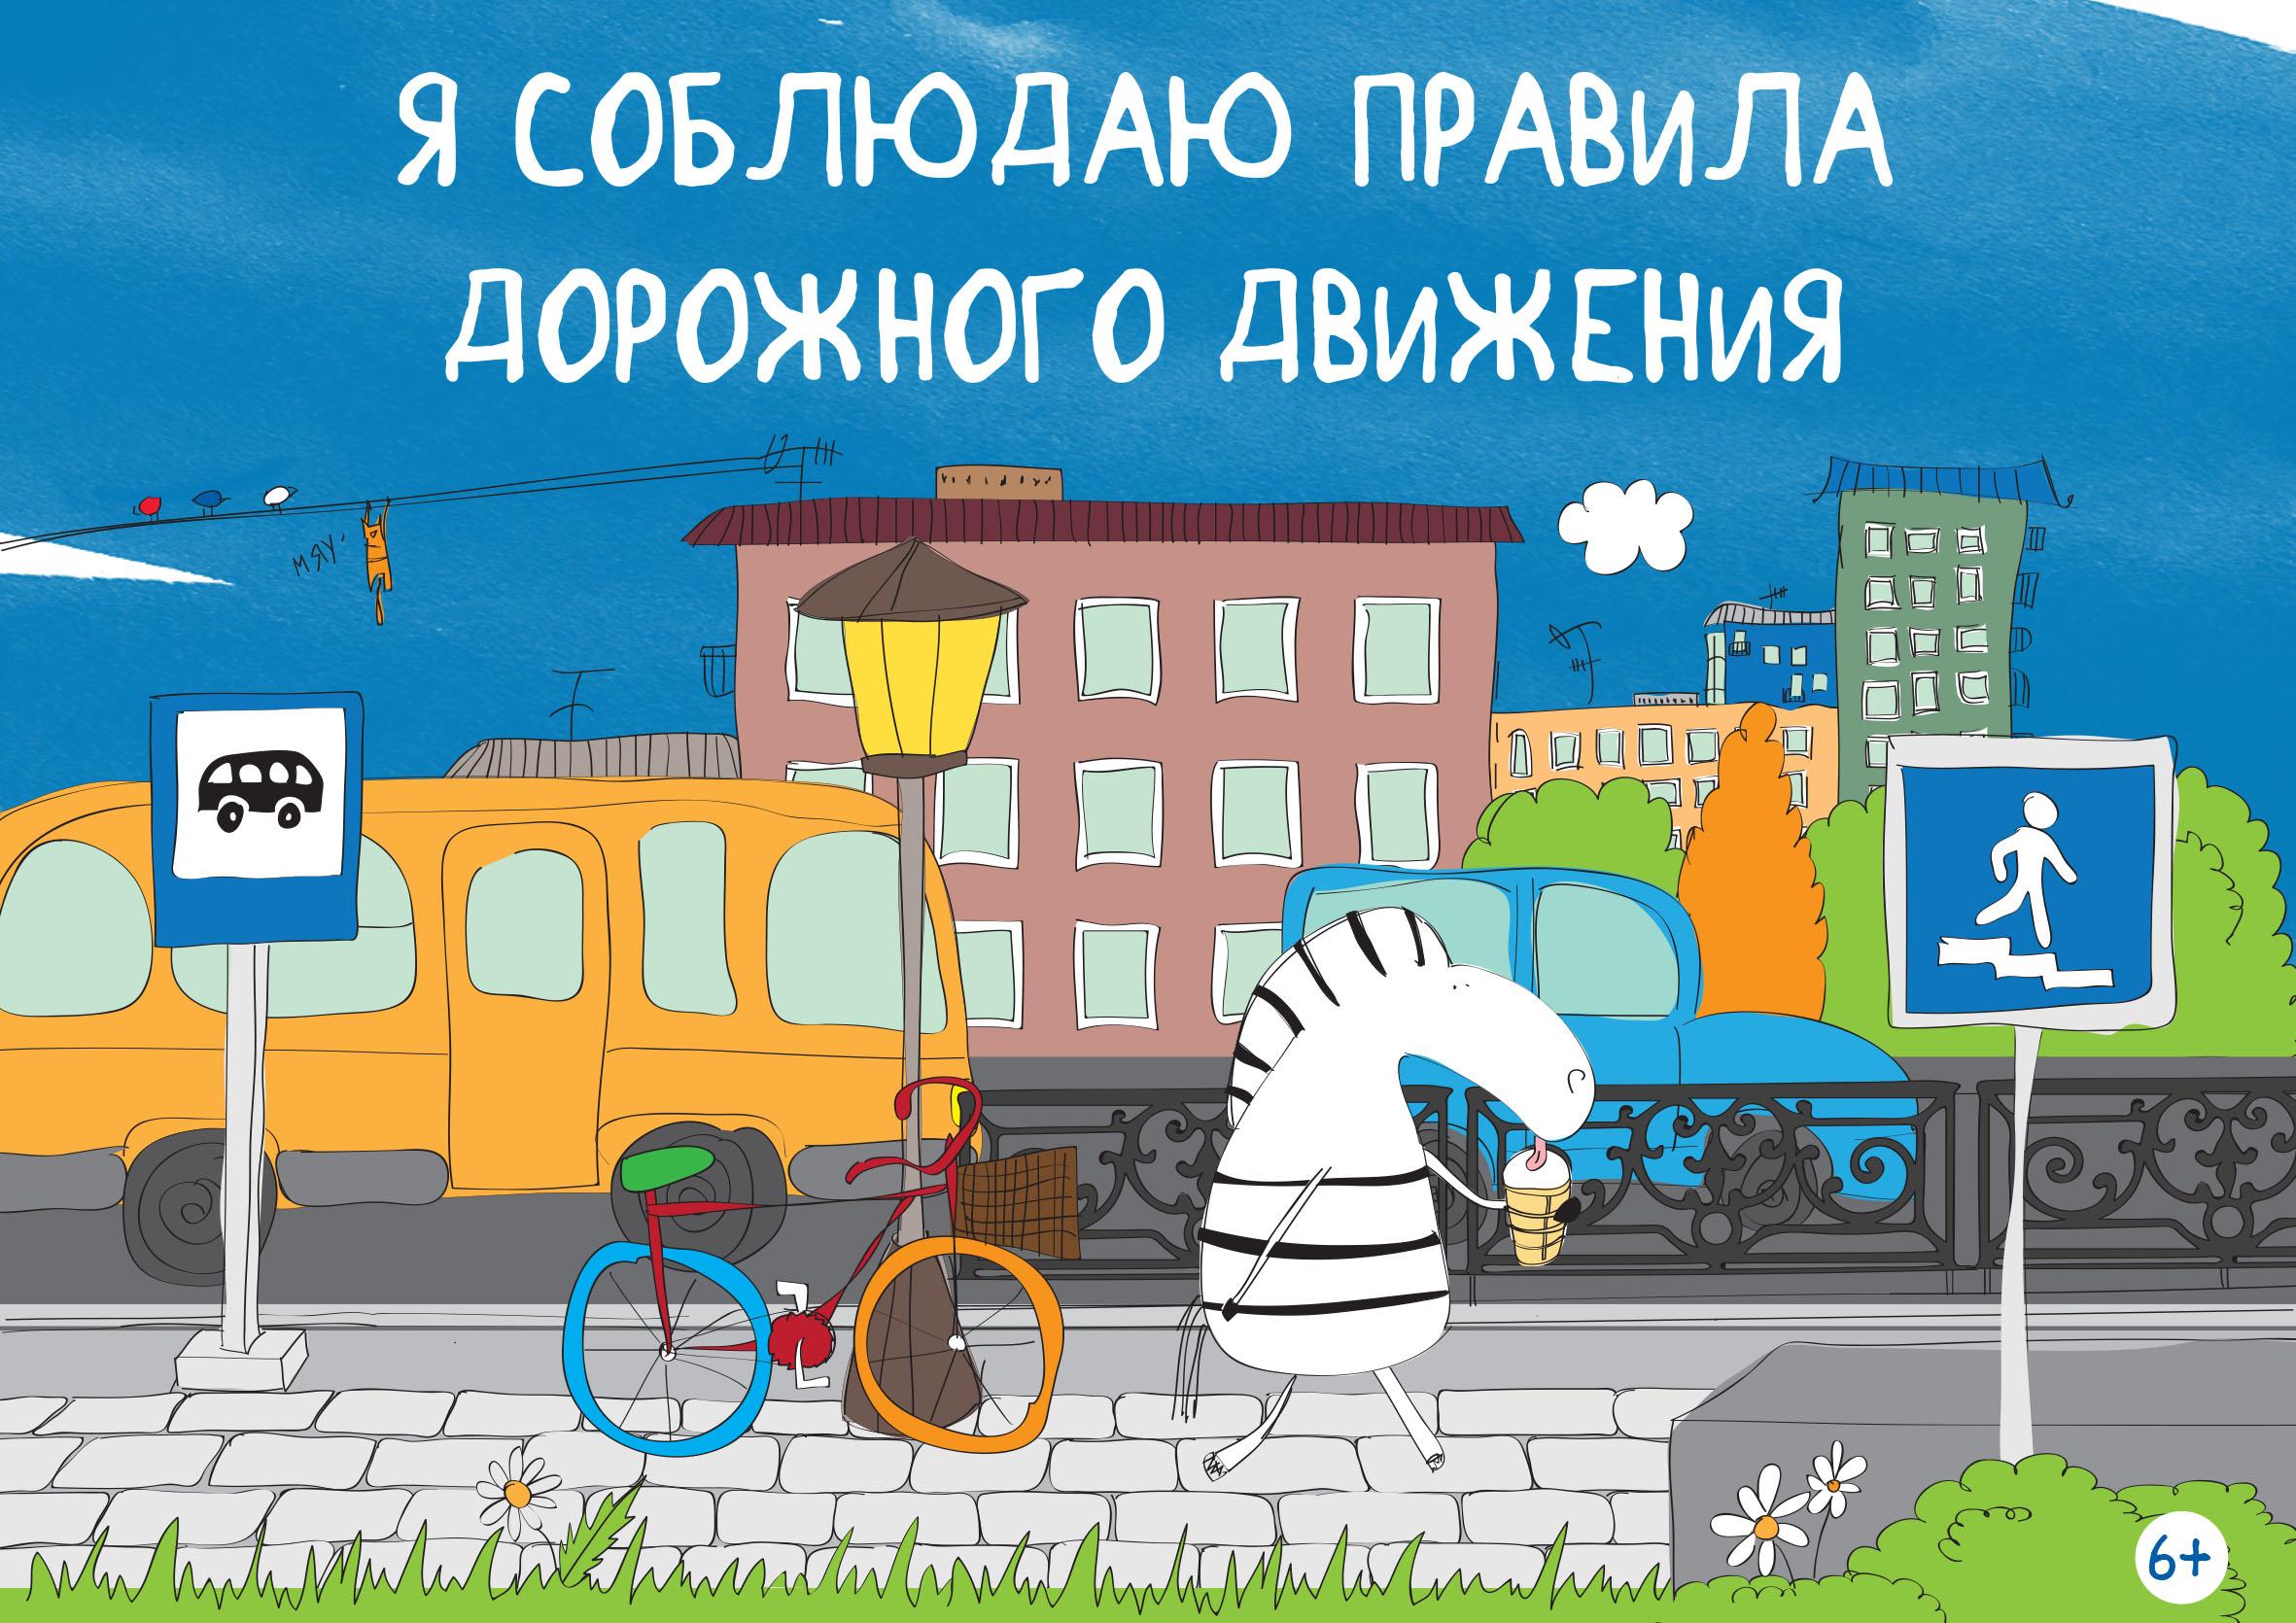 соблюдай правила дорожного движения картинки детям печенье носит